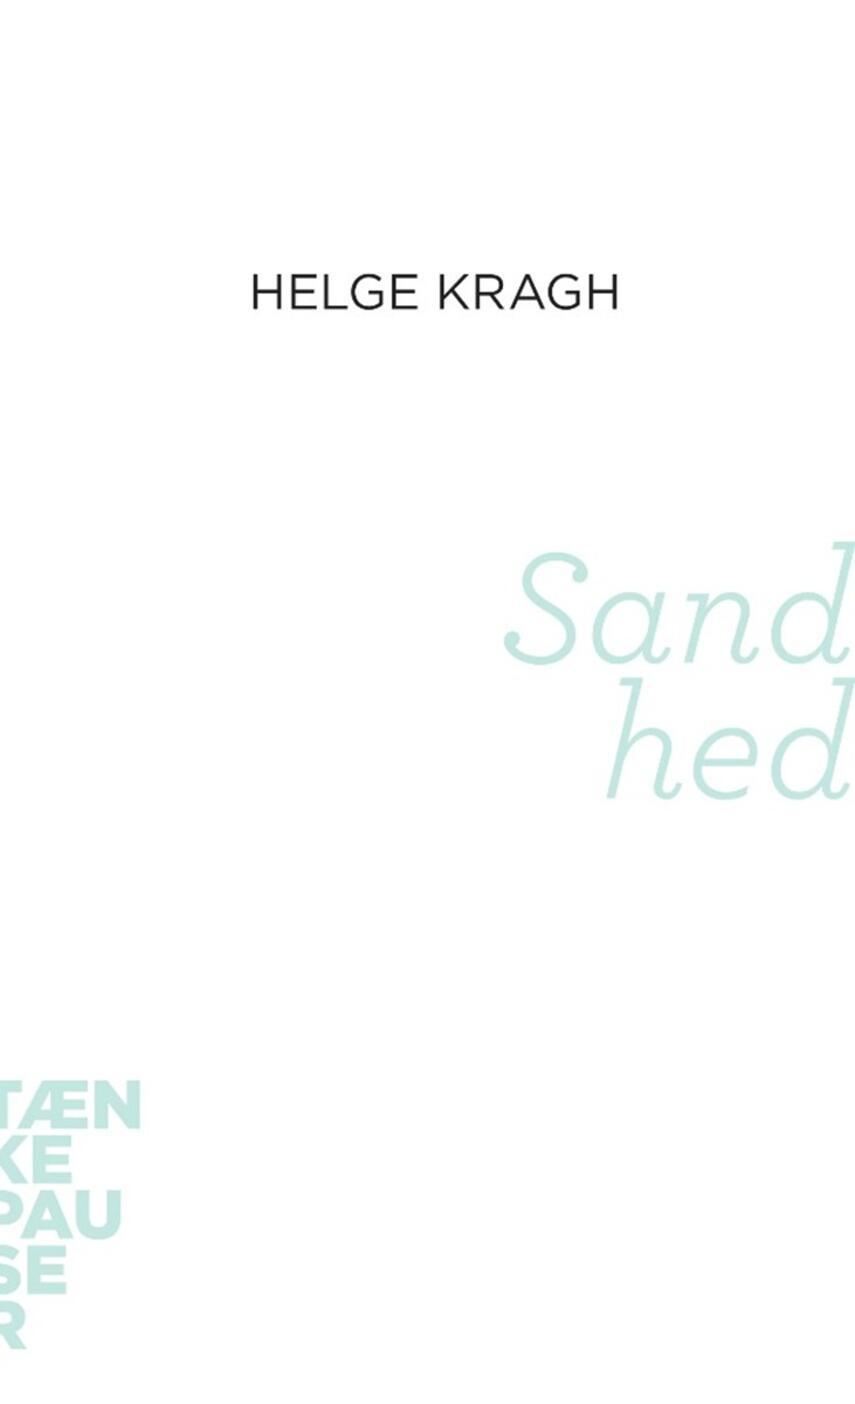 Helge Kragh: Sandhed